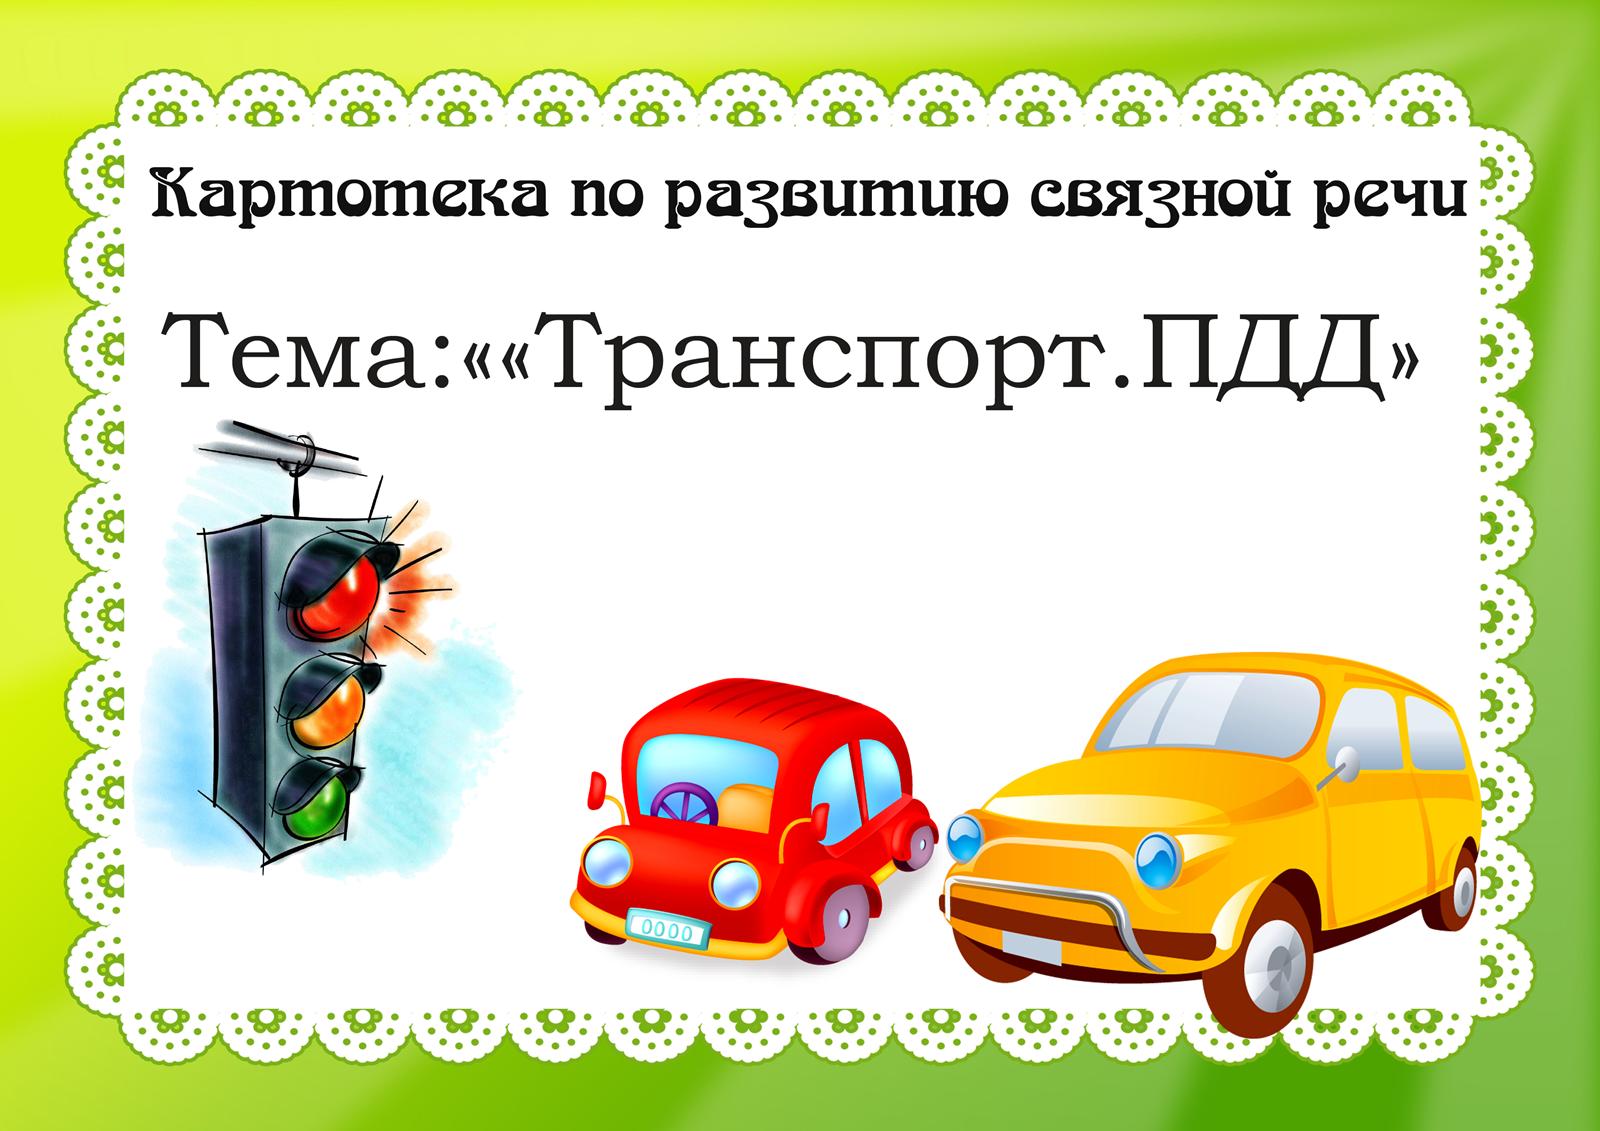 Картотека по развитию речи — транспорт и правила дорожного движения